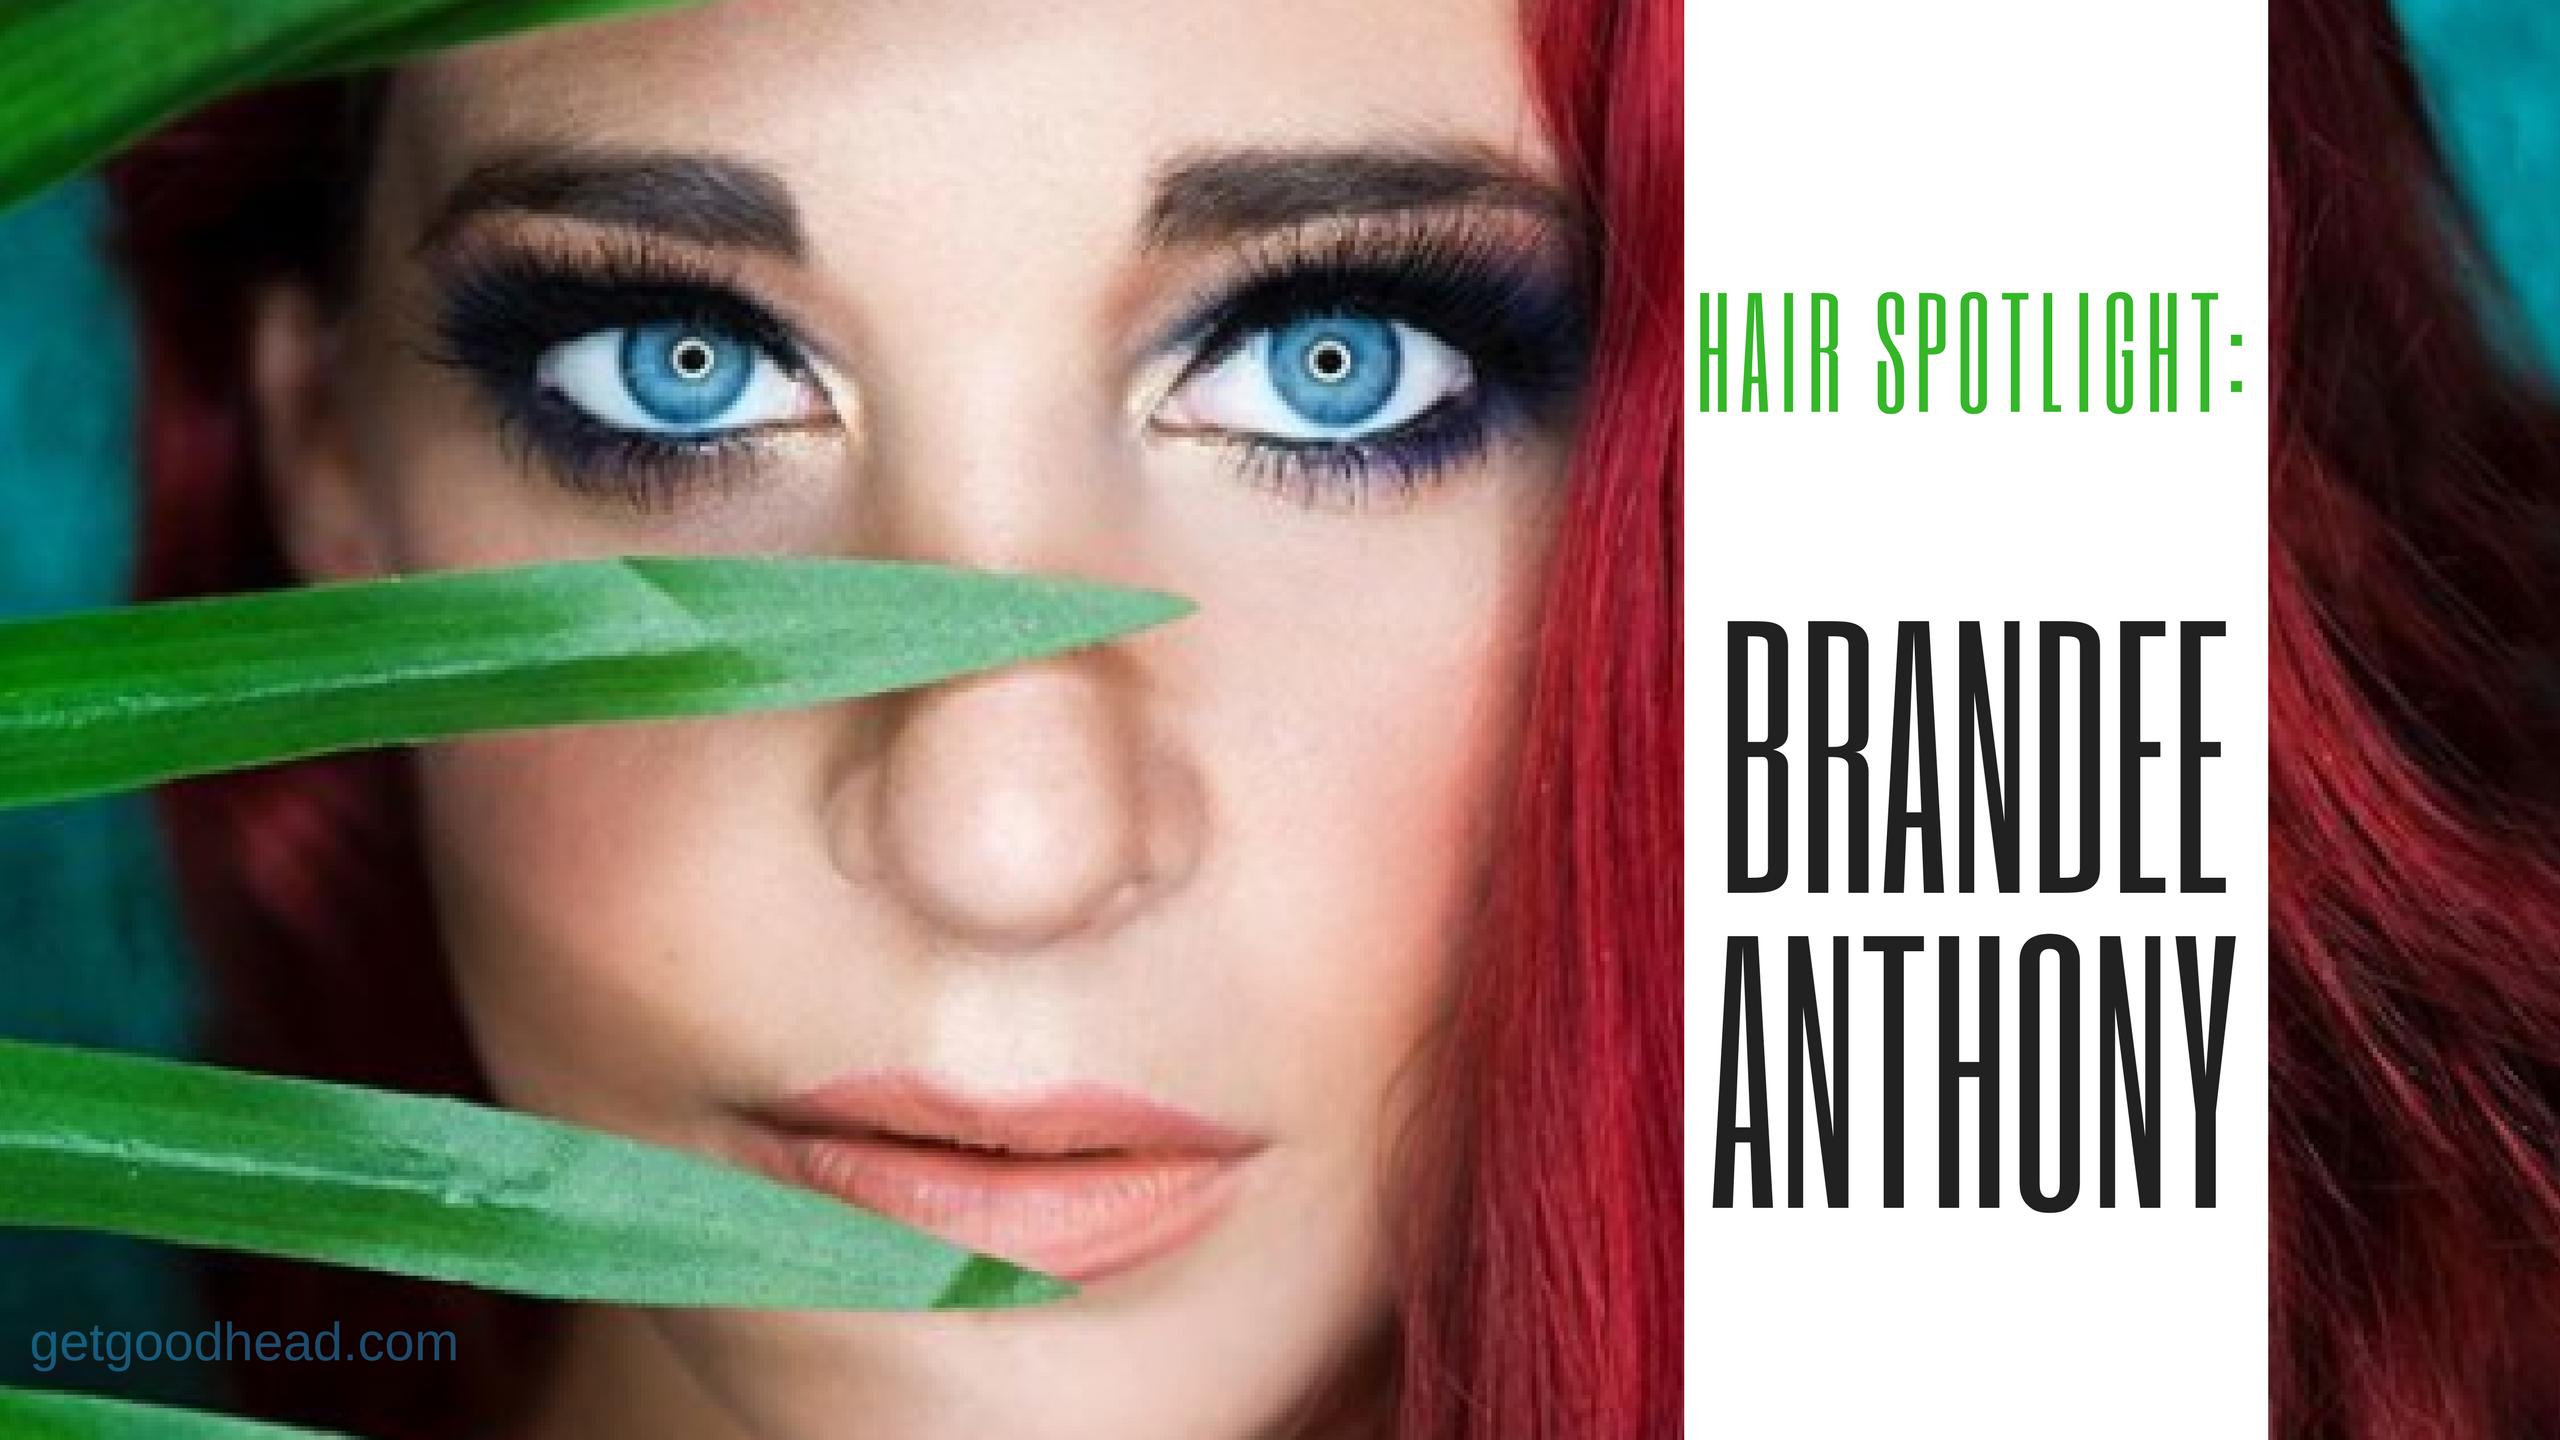 Brandee anthony